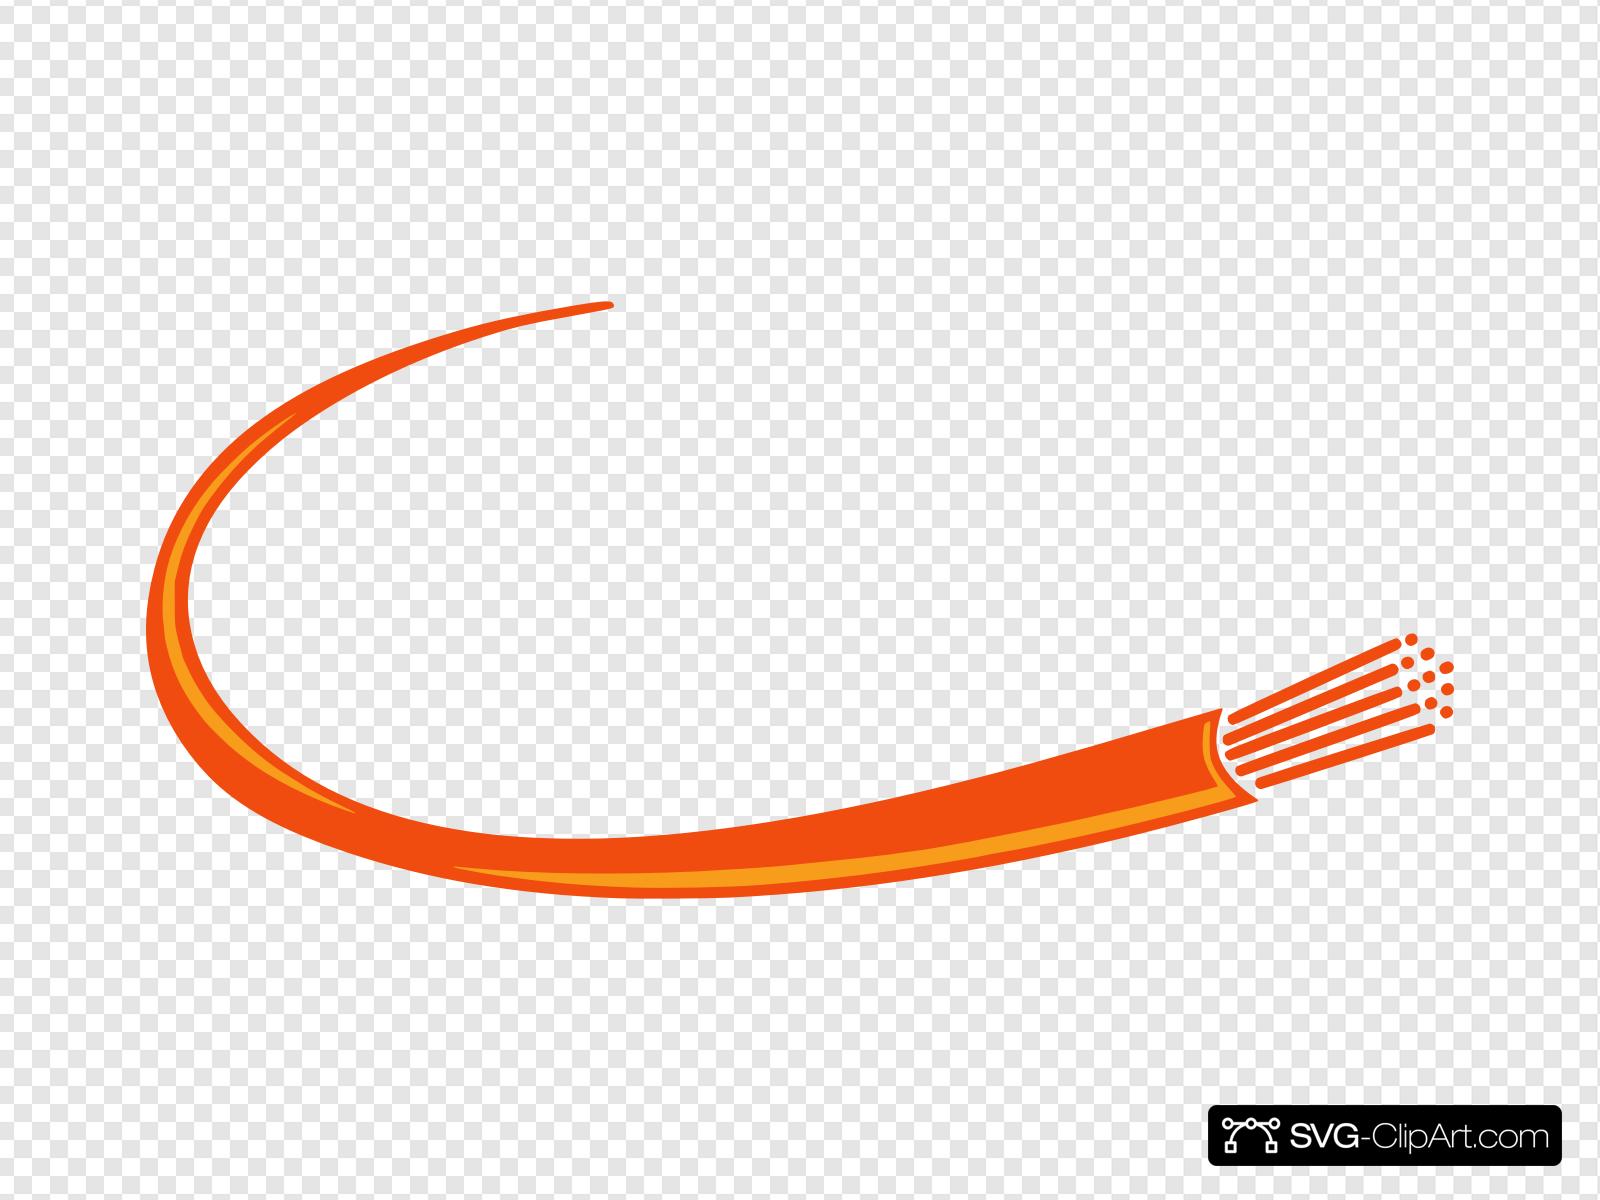 Orange Fusion Fiber Clip art, Icon and SVG.